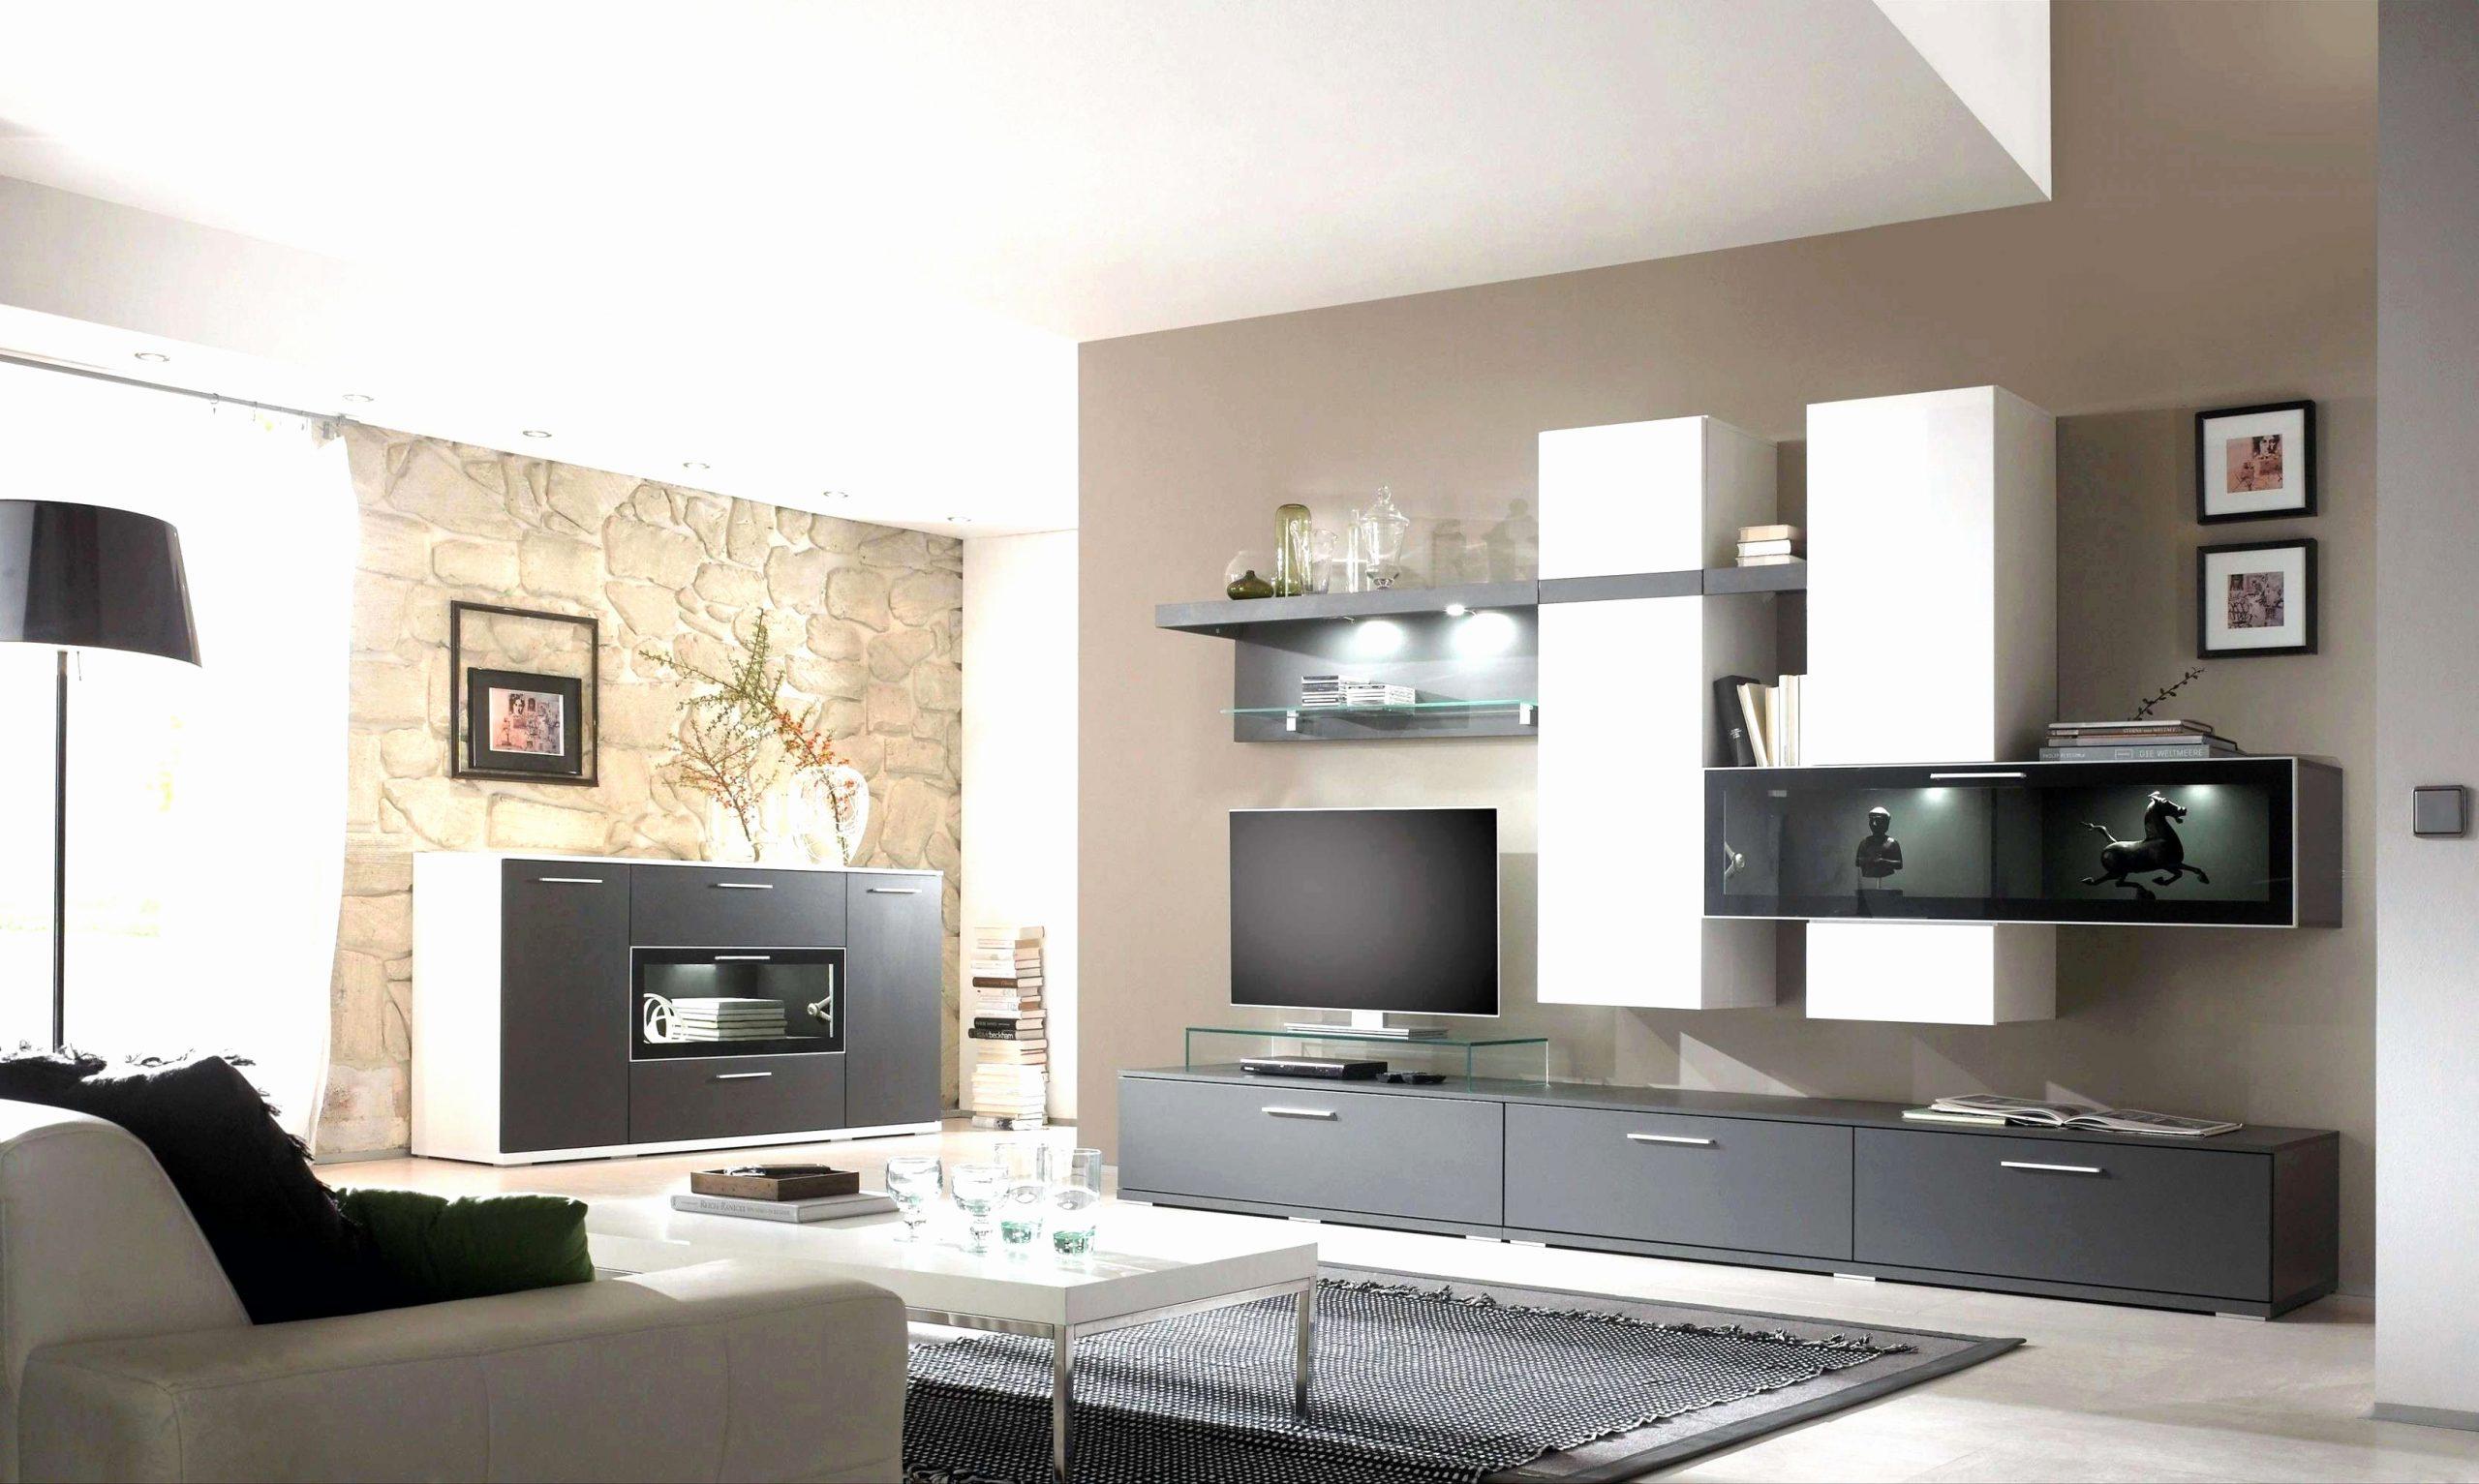 Full Size of Gebrauchte Küche Verkaufen Mobile Selbst Zusammenstellen Beistelltisch Wasserhahn U Form Mit Theke Nobilia Deckenleuchte Schlafzimmer Modern Einbauküche Wohnzimmer Wanddeko Küche Modern